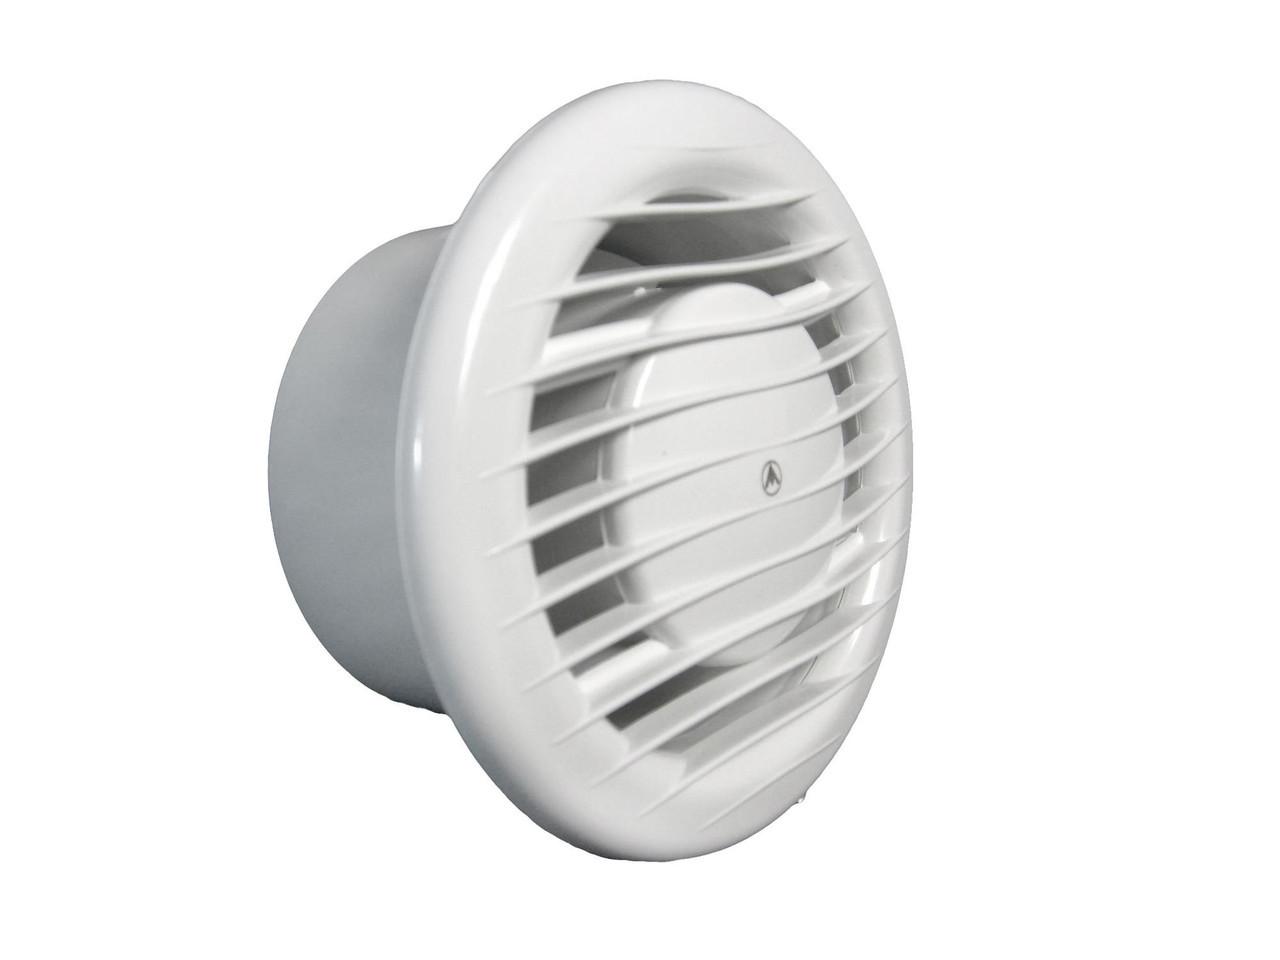 Вентилятор на потолок Dospel NV 12 120 (007-0439)